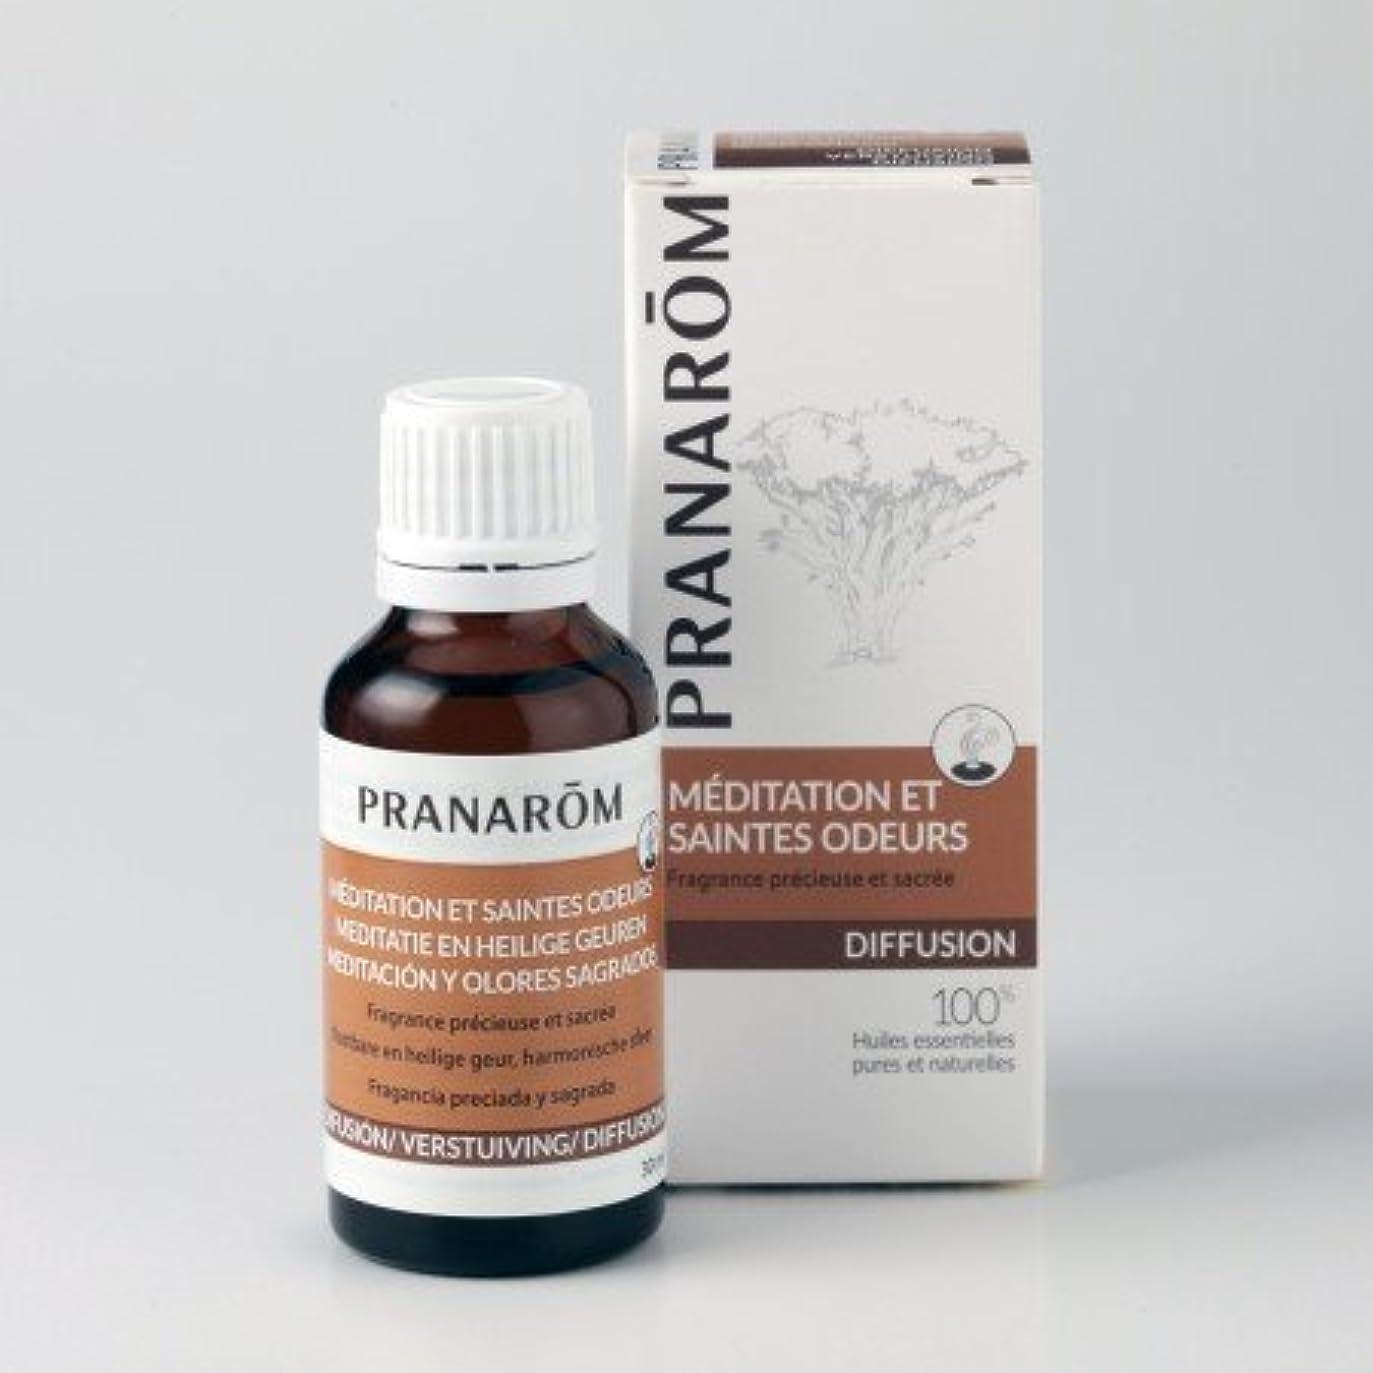 中間暖かさペインギリックプラナロム ( PRANAROM ) ルームコロン 瞑想へのいざない メディテーション 30ml 02588 エアフレッシュナー ( 芳香剤 )